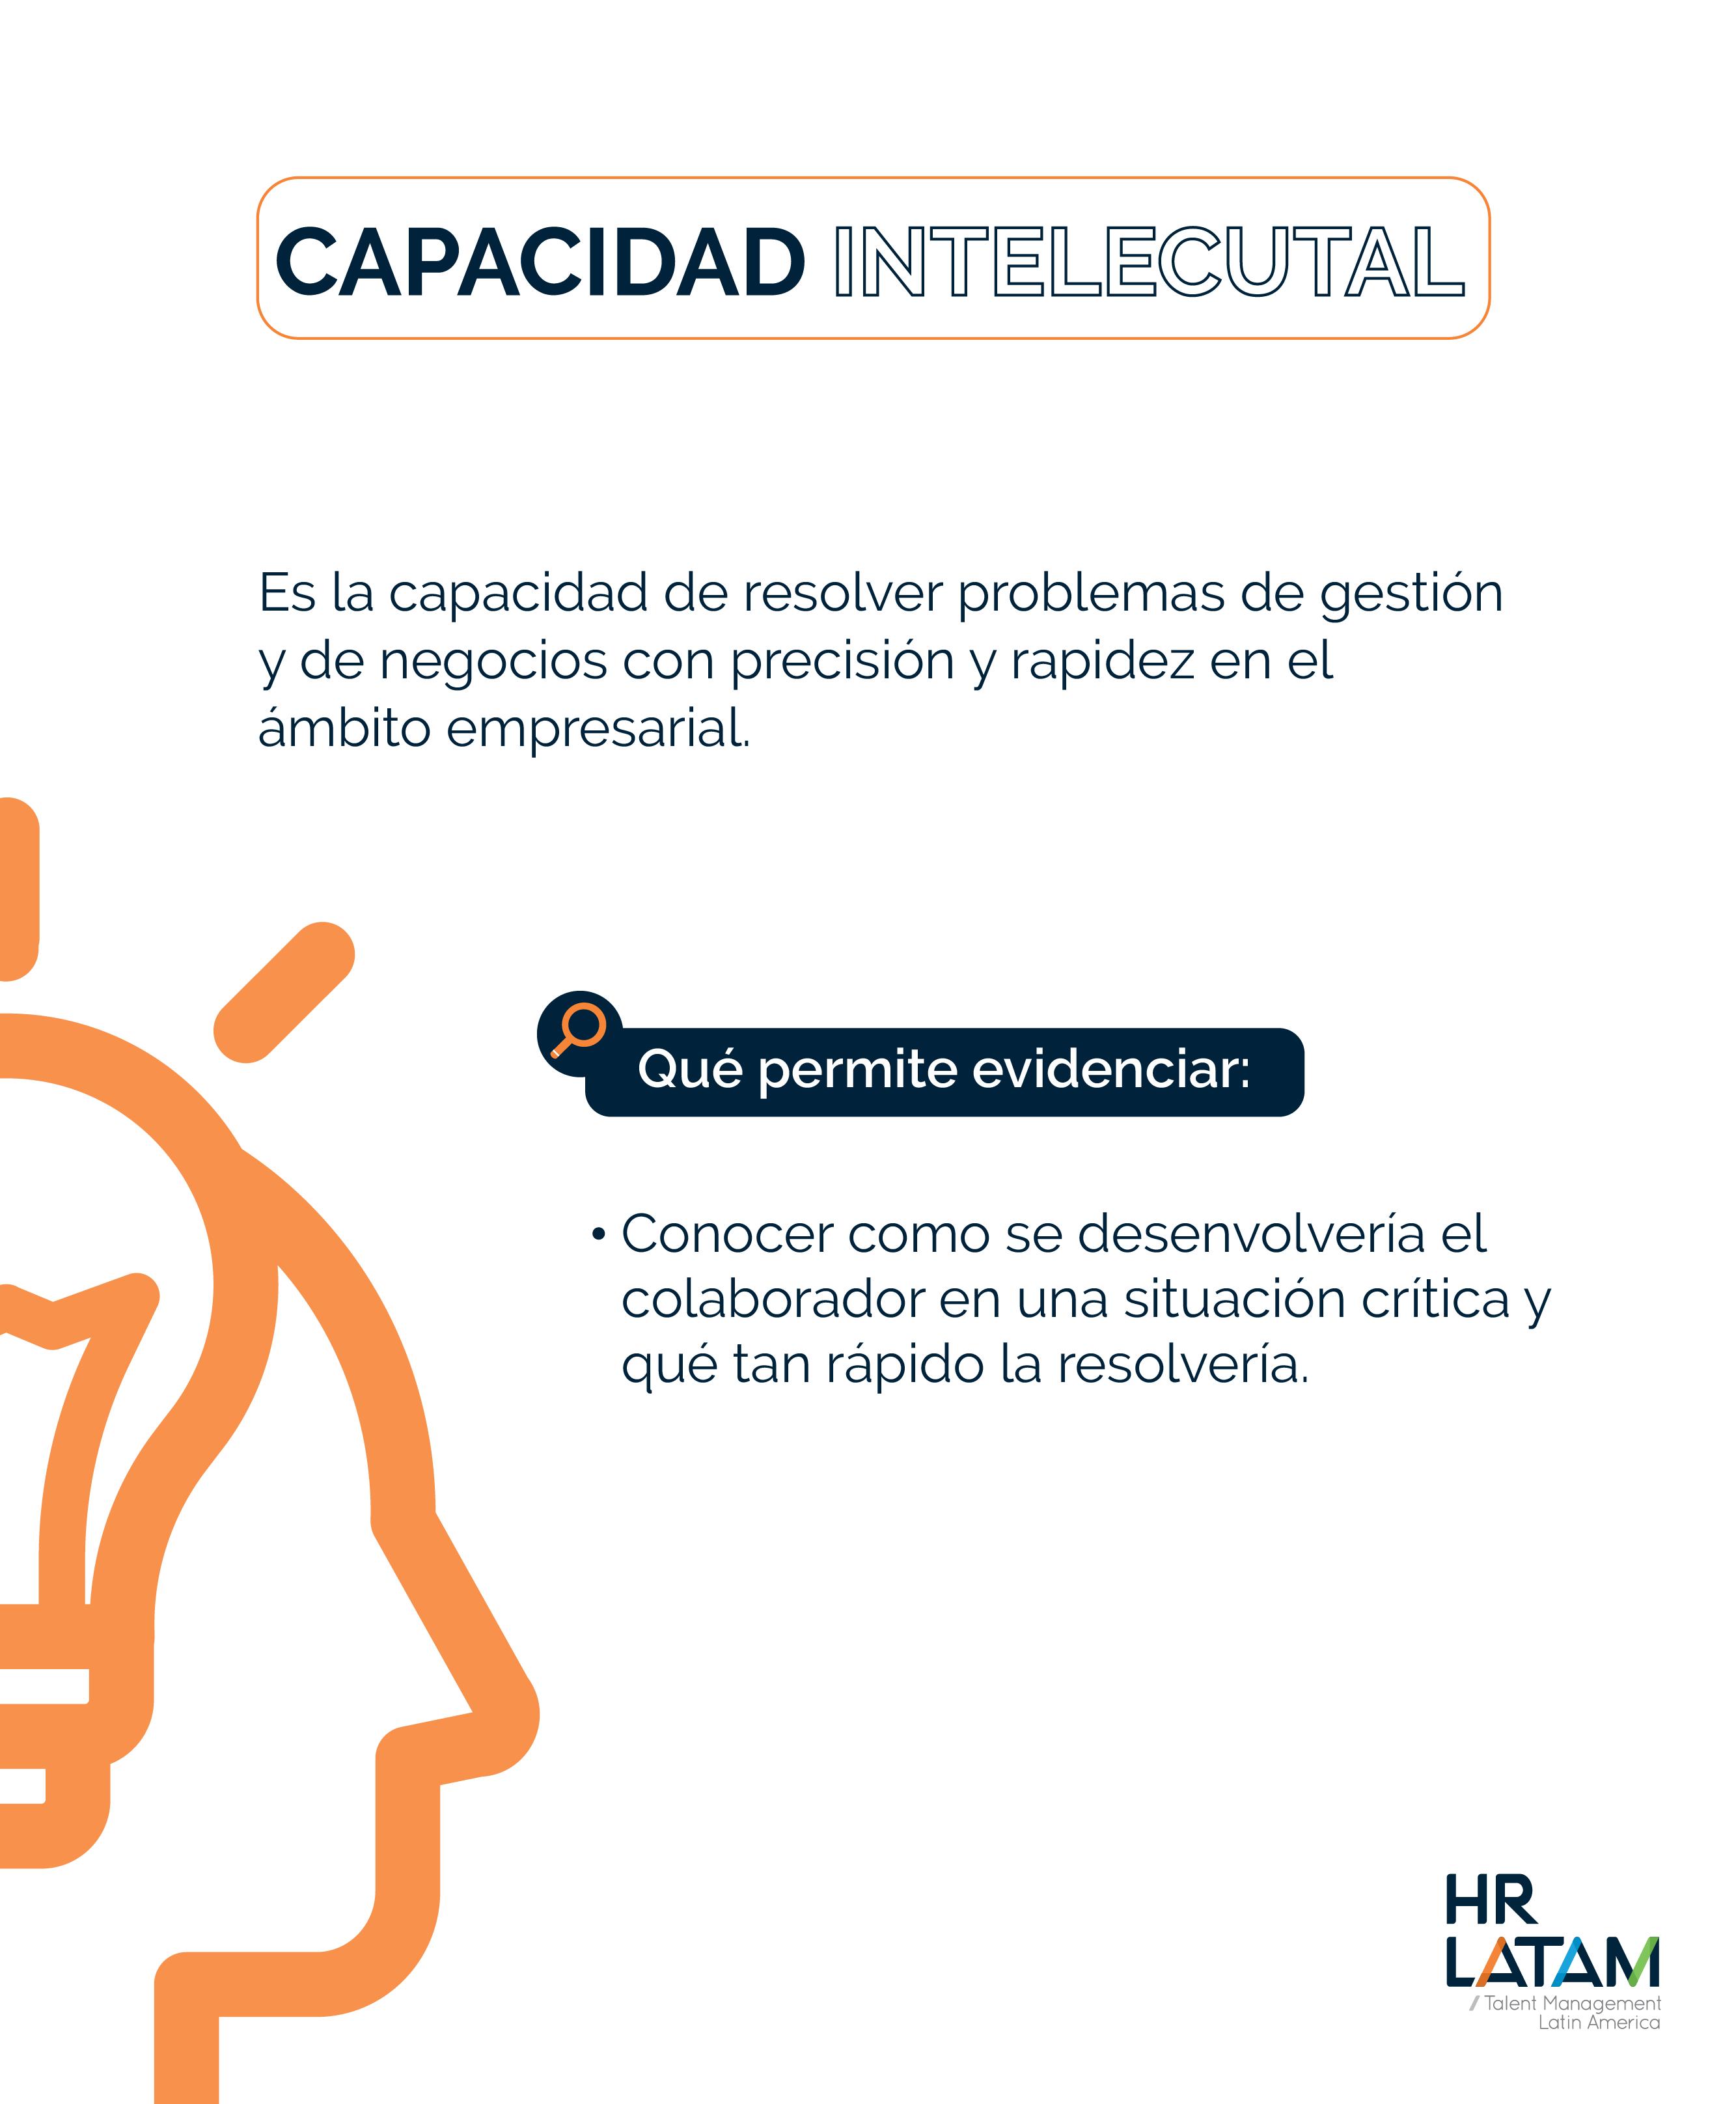 Capacidad intelectual del potencial humano